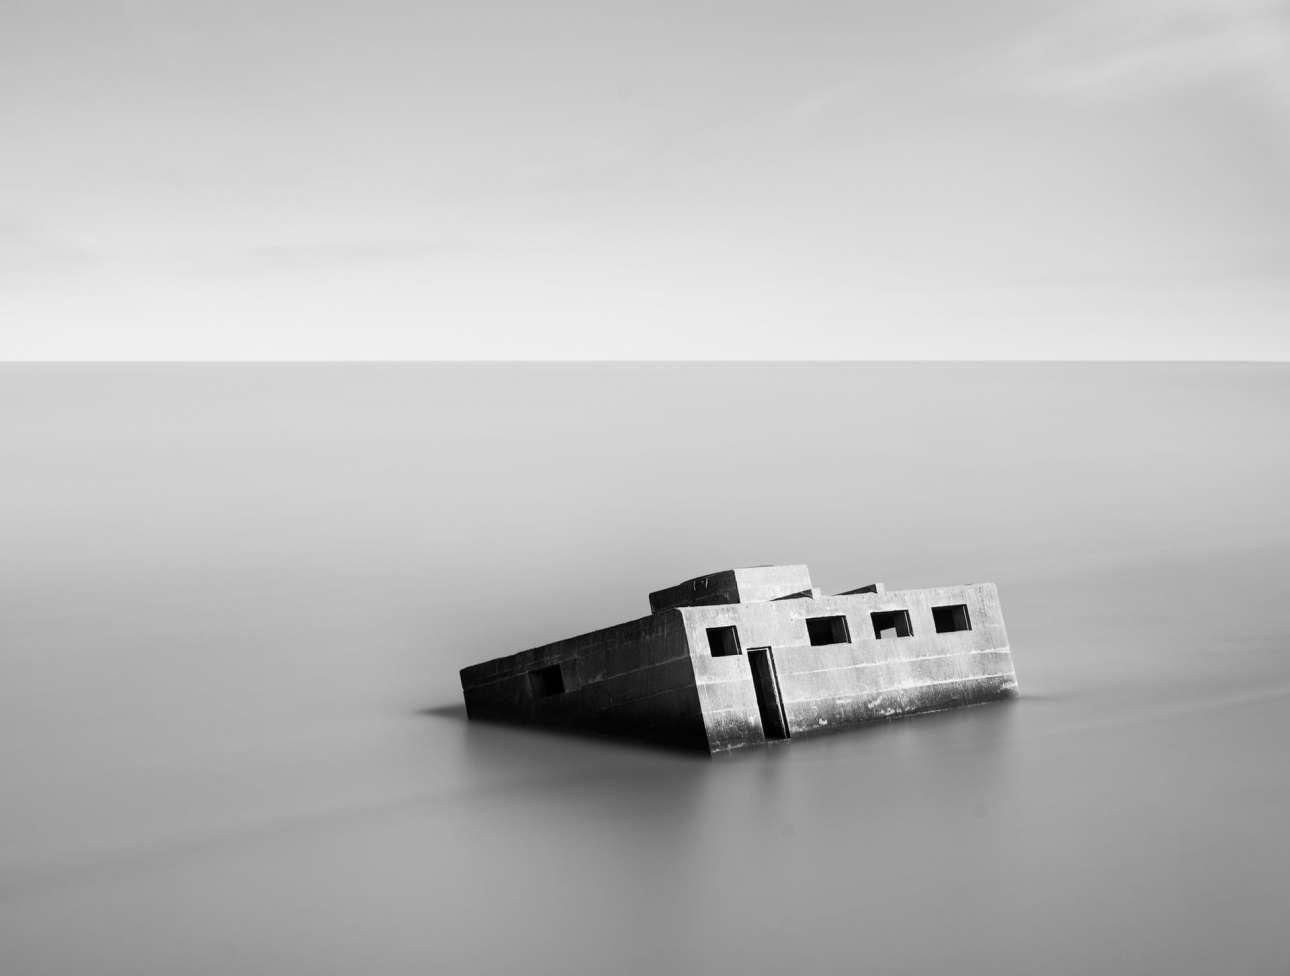 Ενα ξεχασμένο καταφύγιο - απομεινάρι του Β΄Παγκοσμίου Πολέμου, στο νησί Σέπεϊ της Βρετανίας